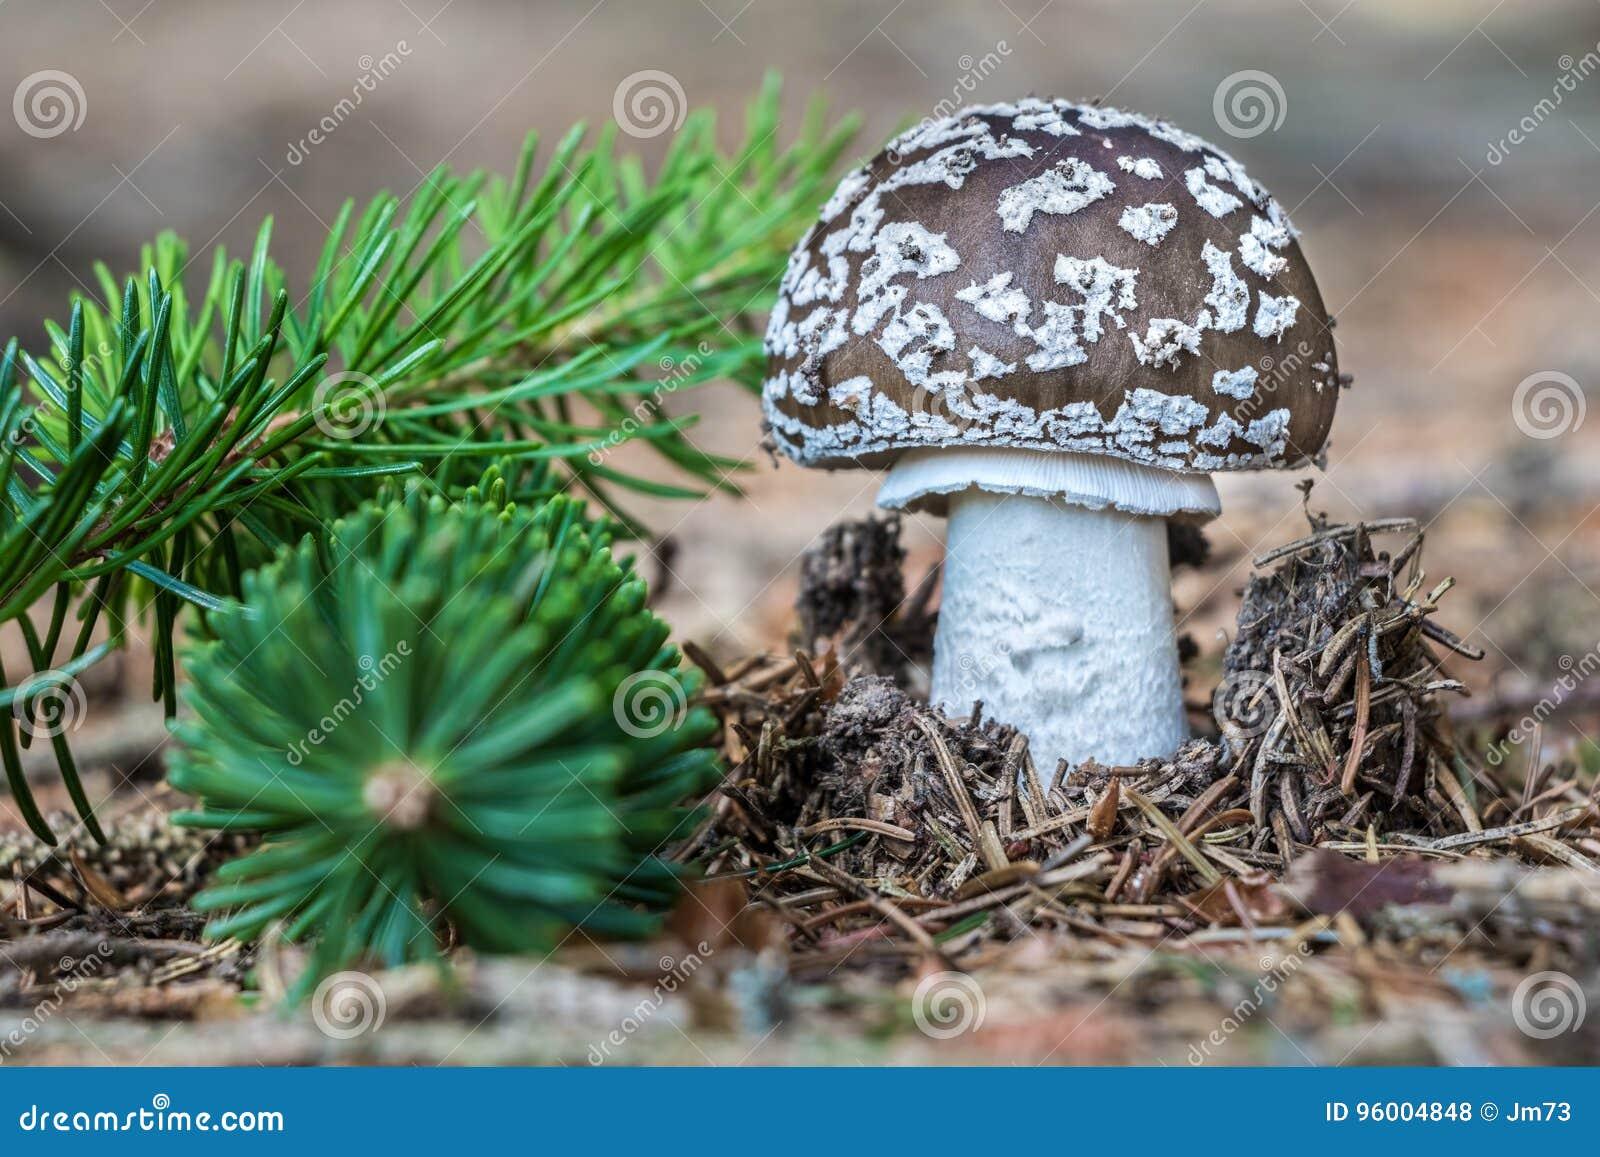 可食的蘑菇伞形毒蕈spissa细节